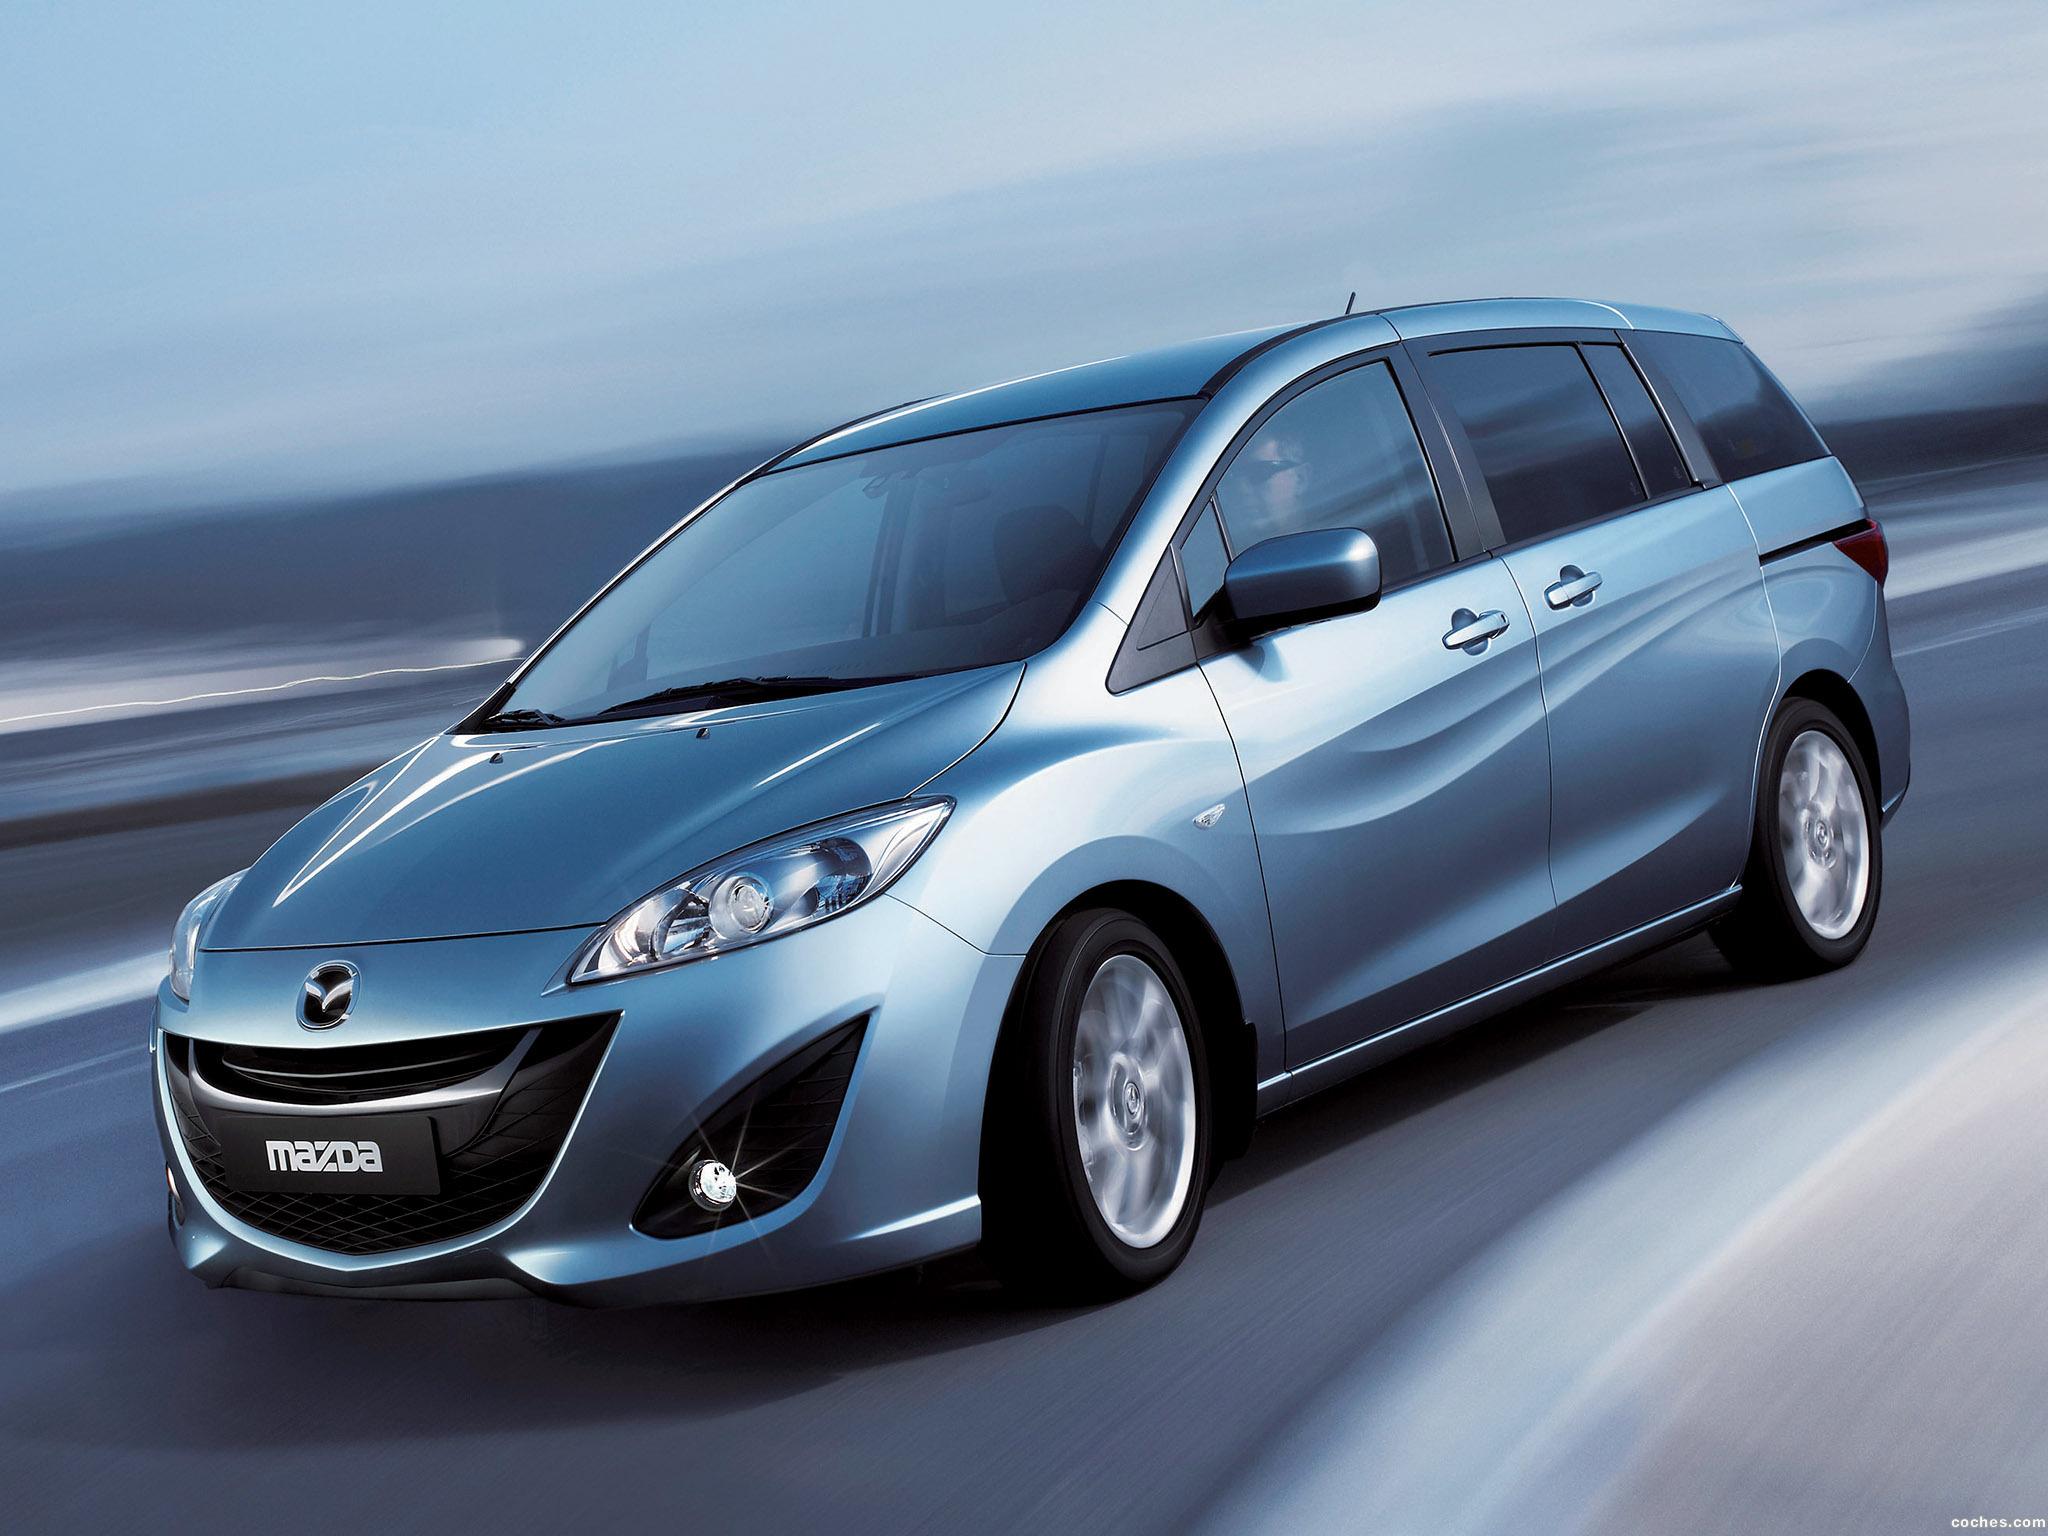 Foto 0 de Mazda 5 2010